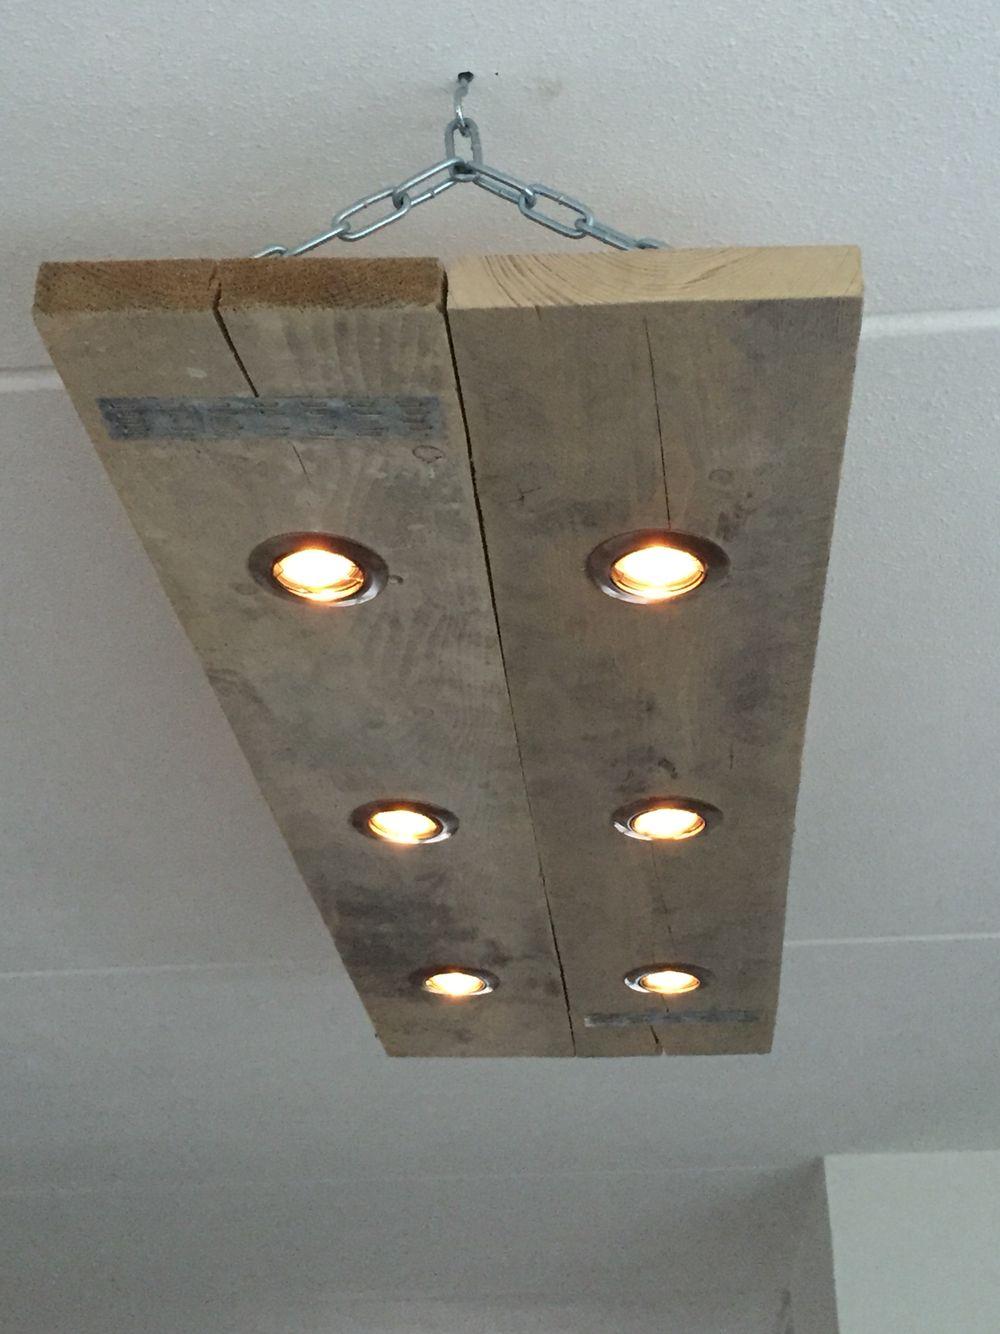 Lamp Woonkamer Selfmade Geinspireerd Op Voorbeeld Van Pinterest Wohnzimmerlampe Wohnzimmerlampe Decke Deckenlampe Wohnzimmer